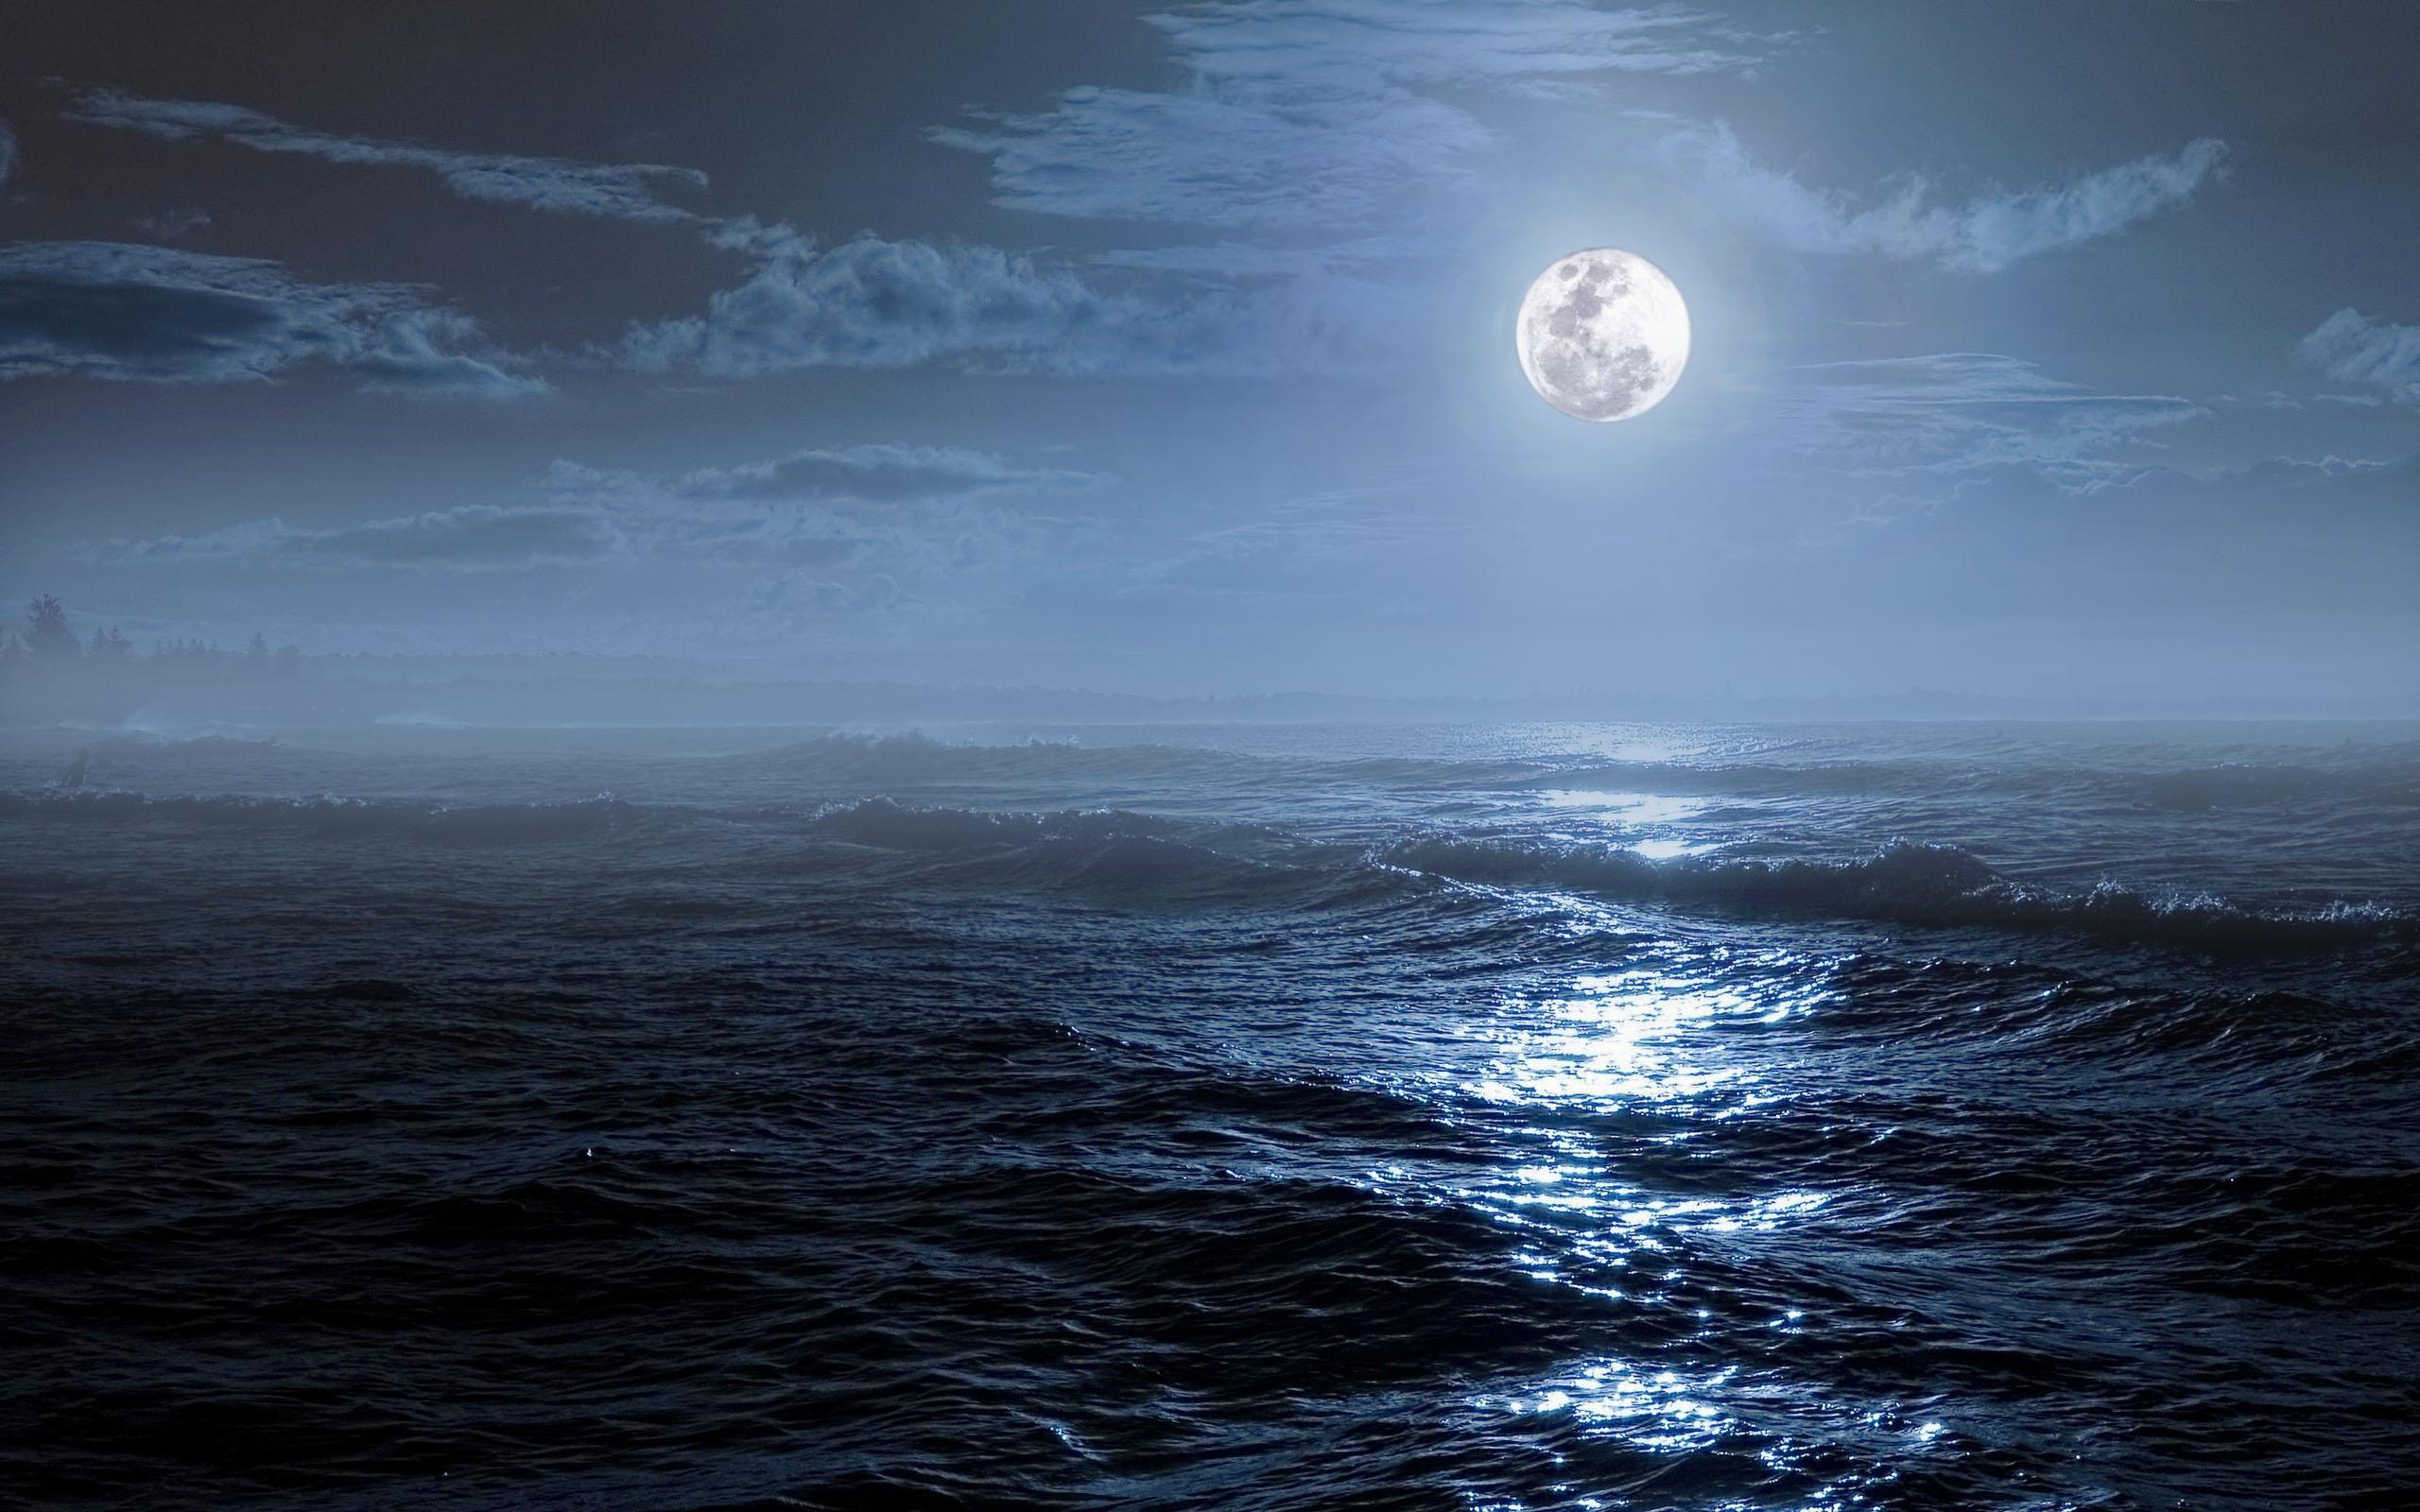 луна и море фото картинки сделанные бревна ручной